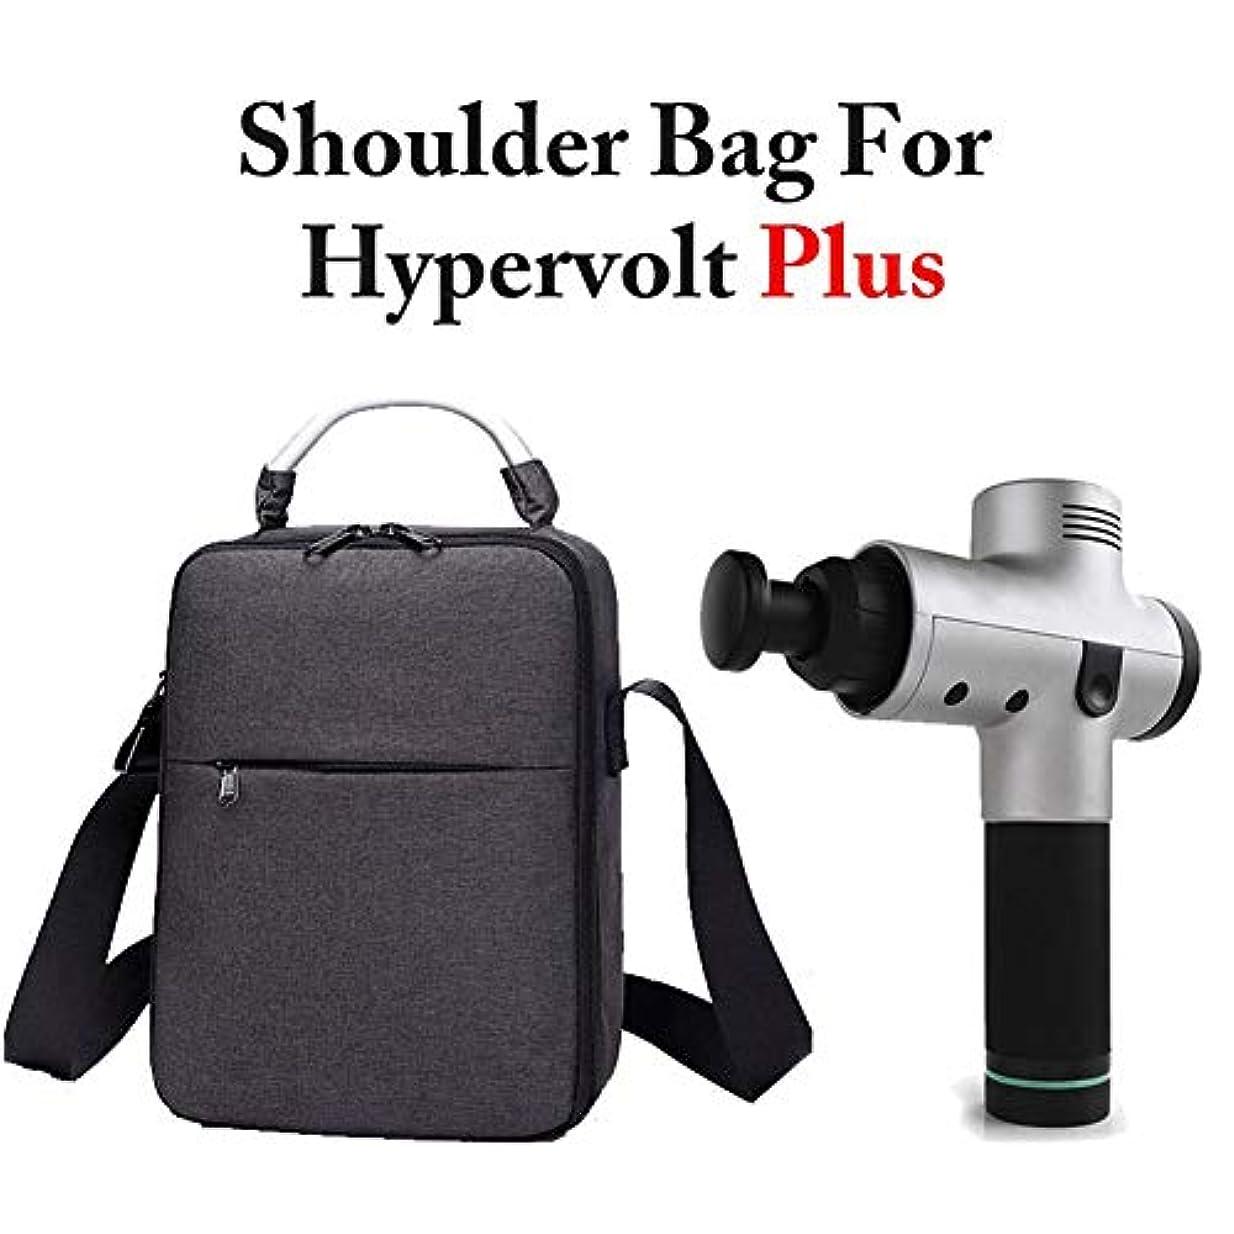 そうトリップケニアconvokeri Hyperice Hypervolt Plus Fascial Massager に使用 のキャリングケース、Hyperice Hypervolt 5スロットマッスルマッサージャー用ポータブル防水耐震トラベル収納バッグ